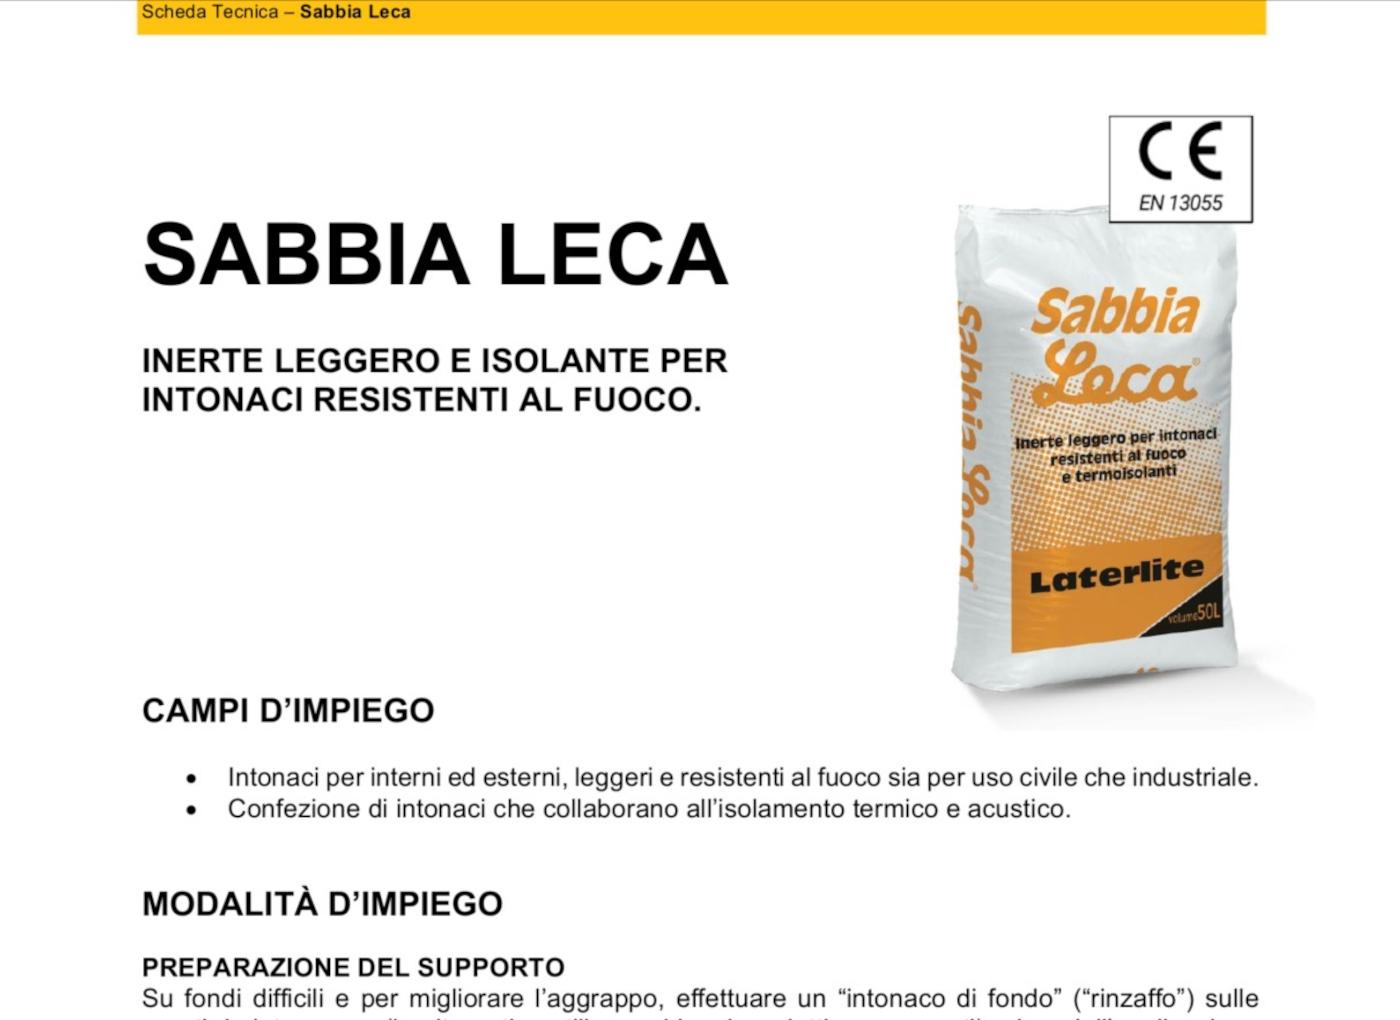 scheda-tecnica-sabbia-leca-P51